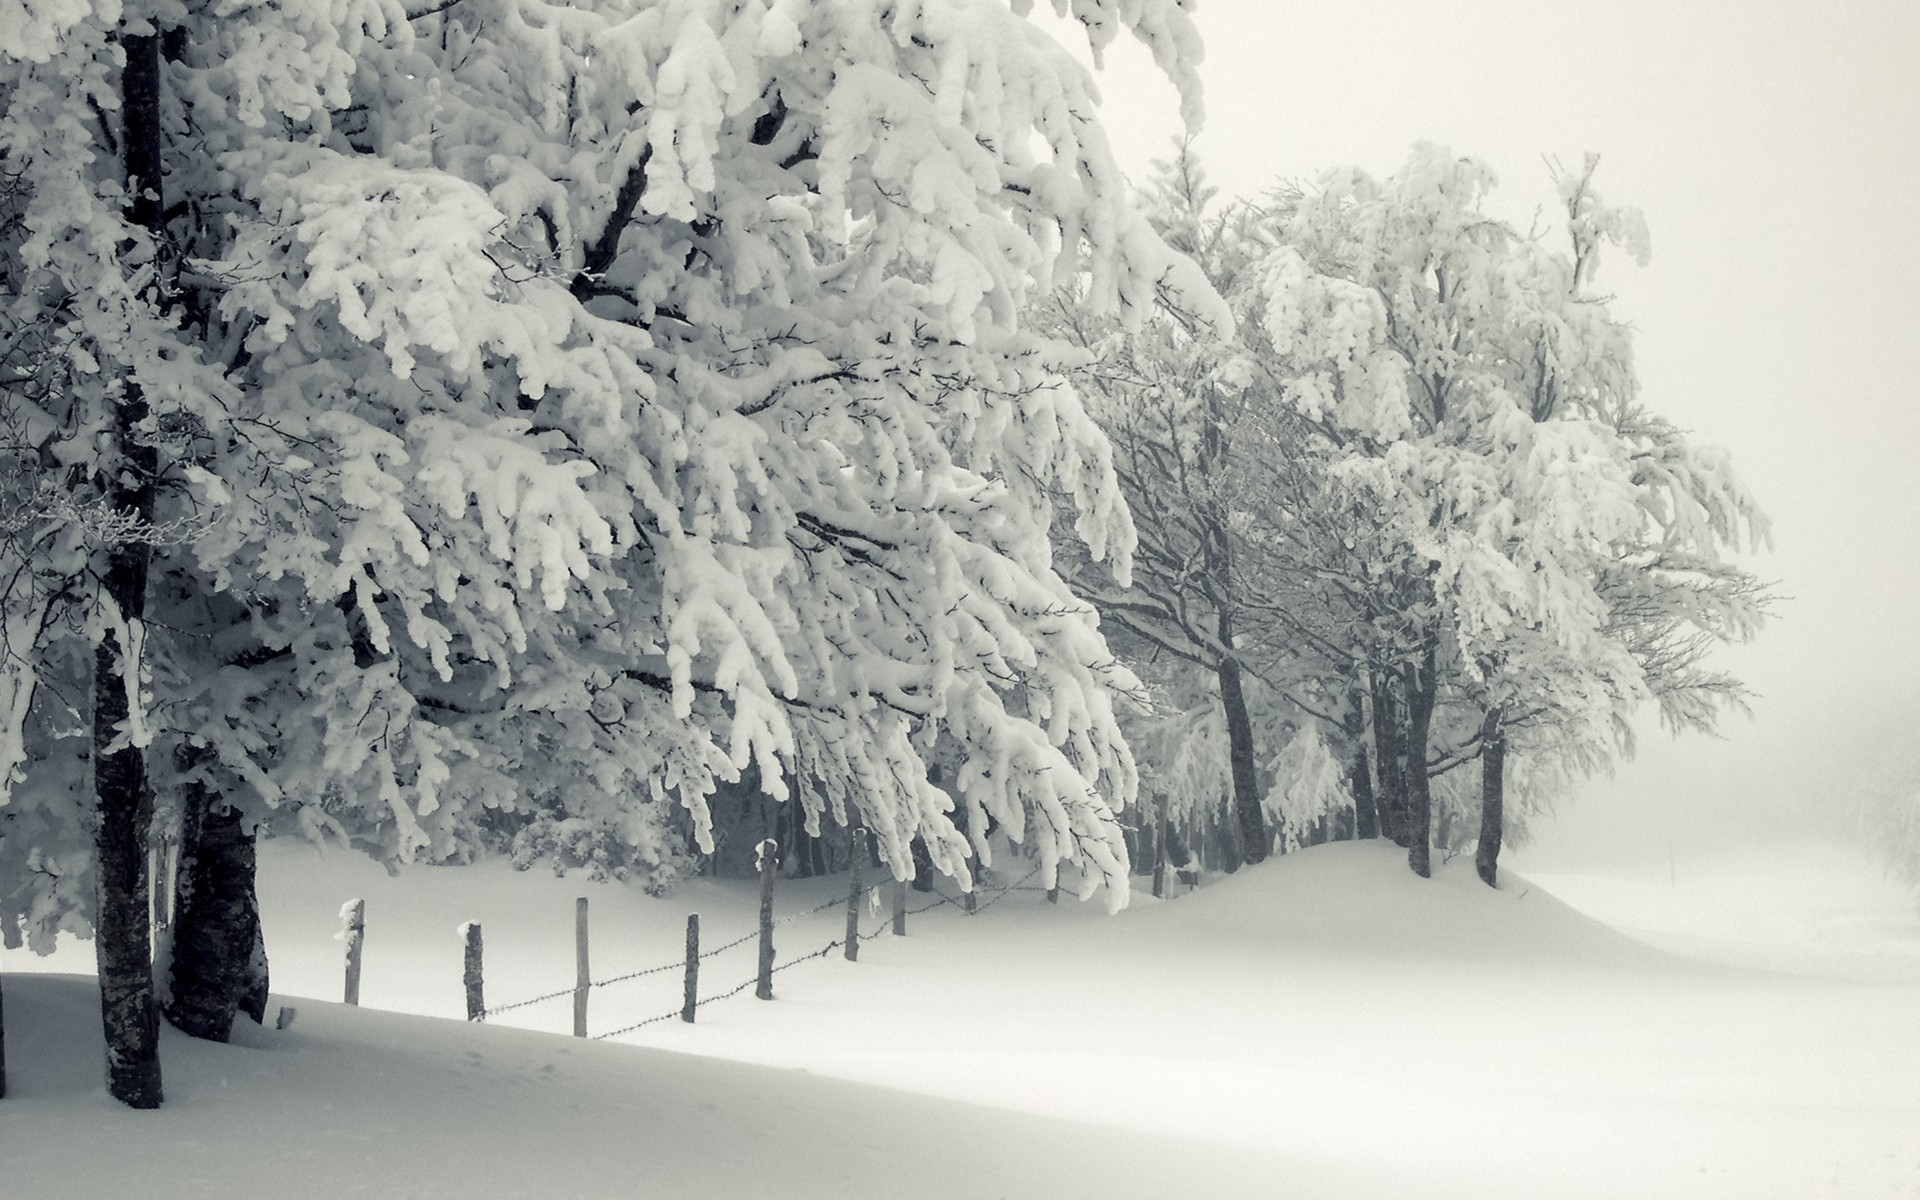 cute winter desktop wallpaper   wwwwallpapers in hdcom 1920x1200